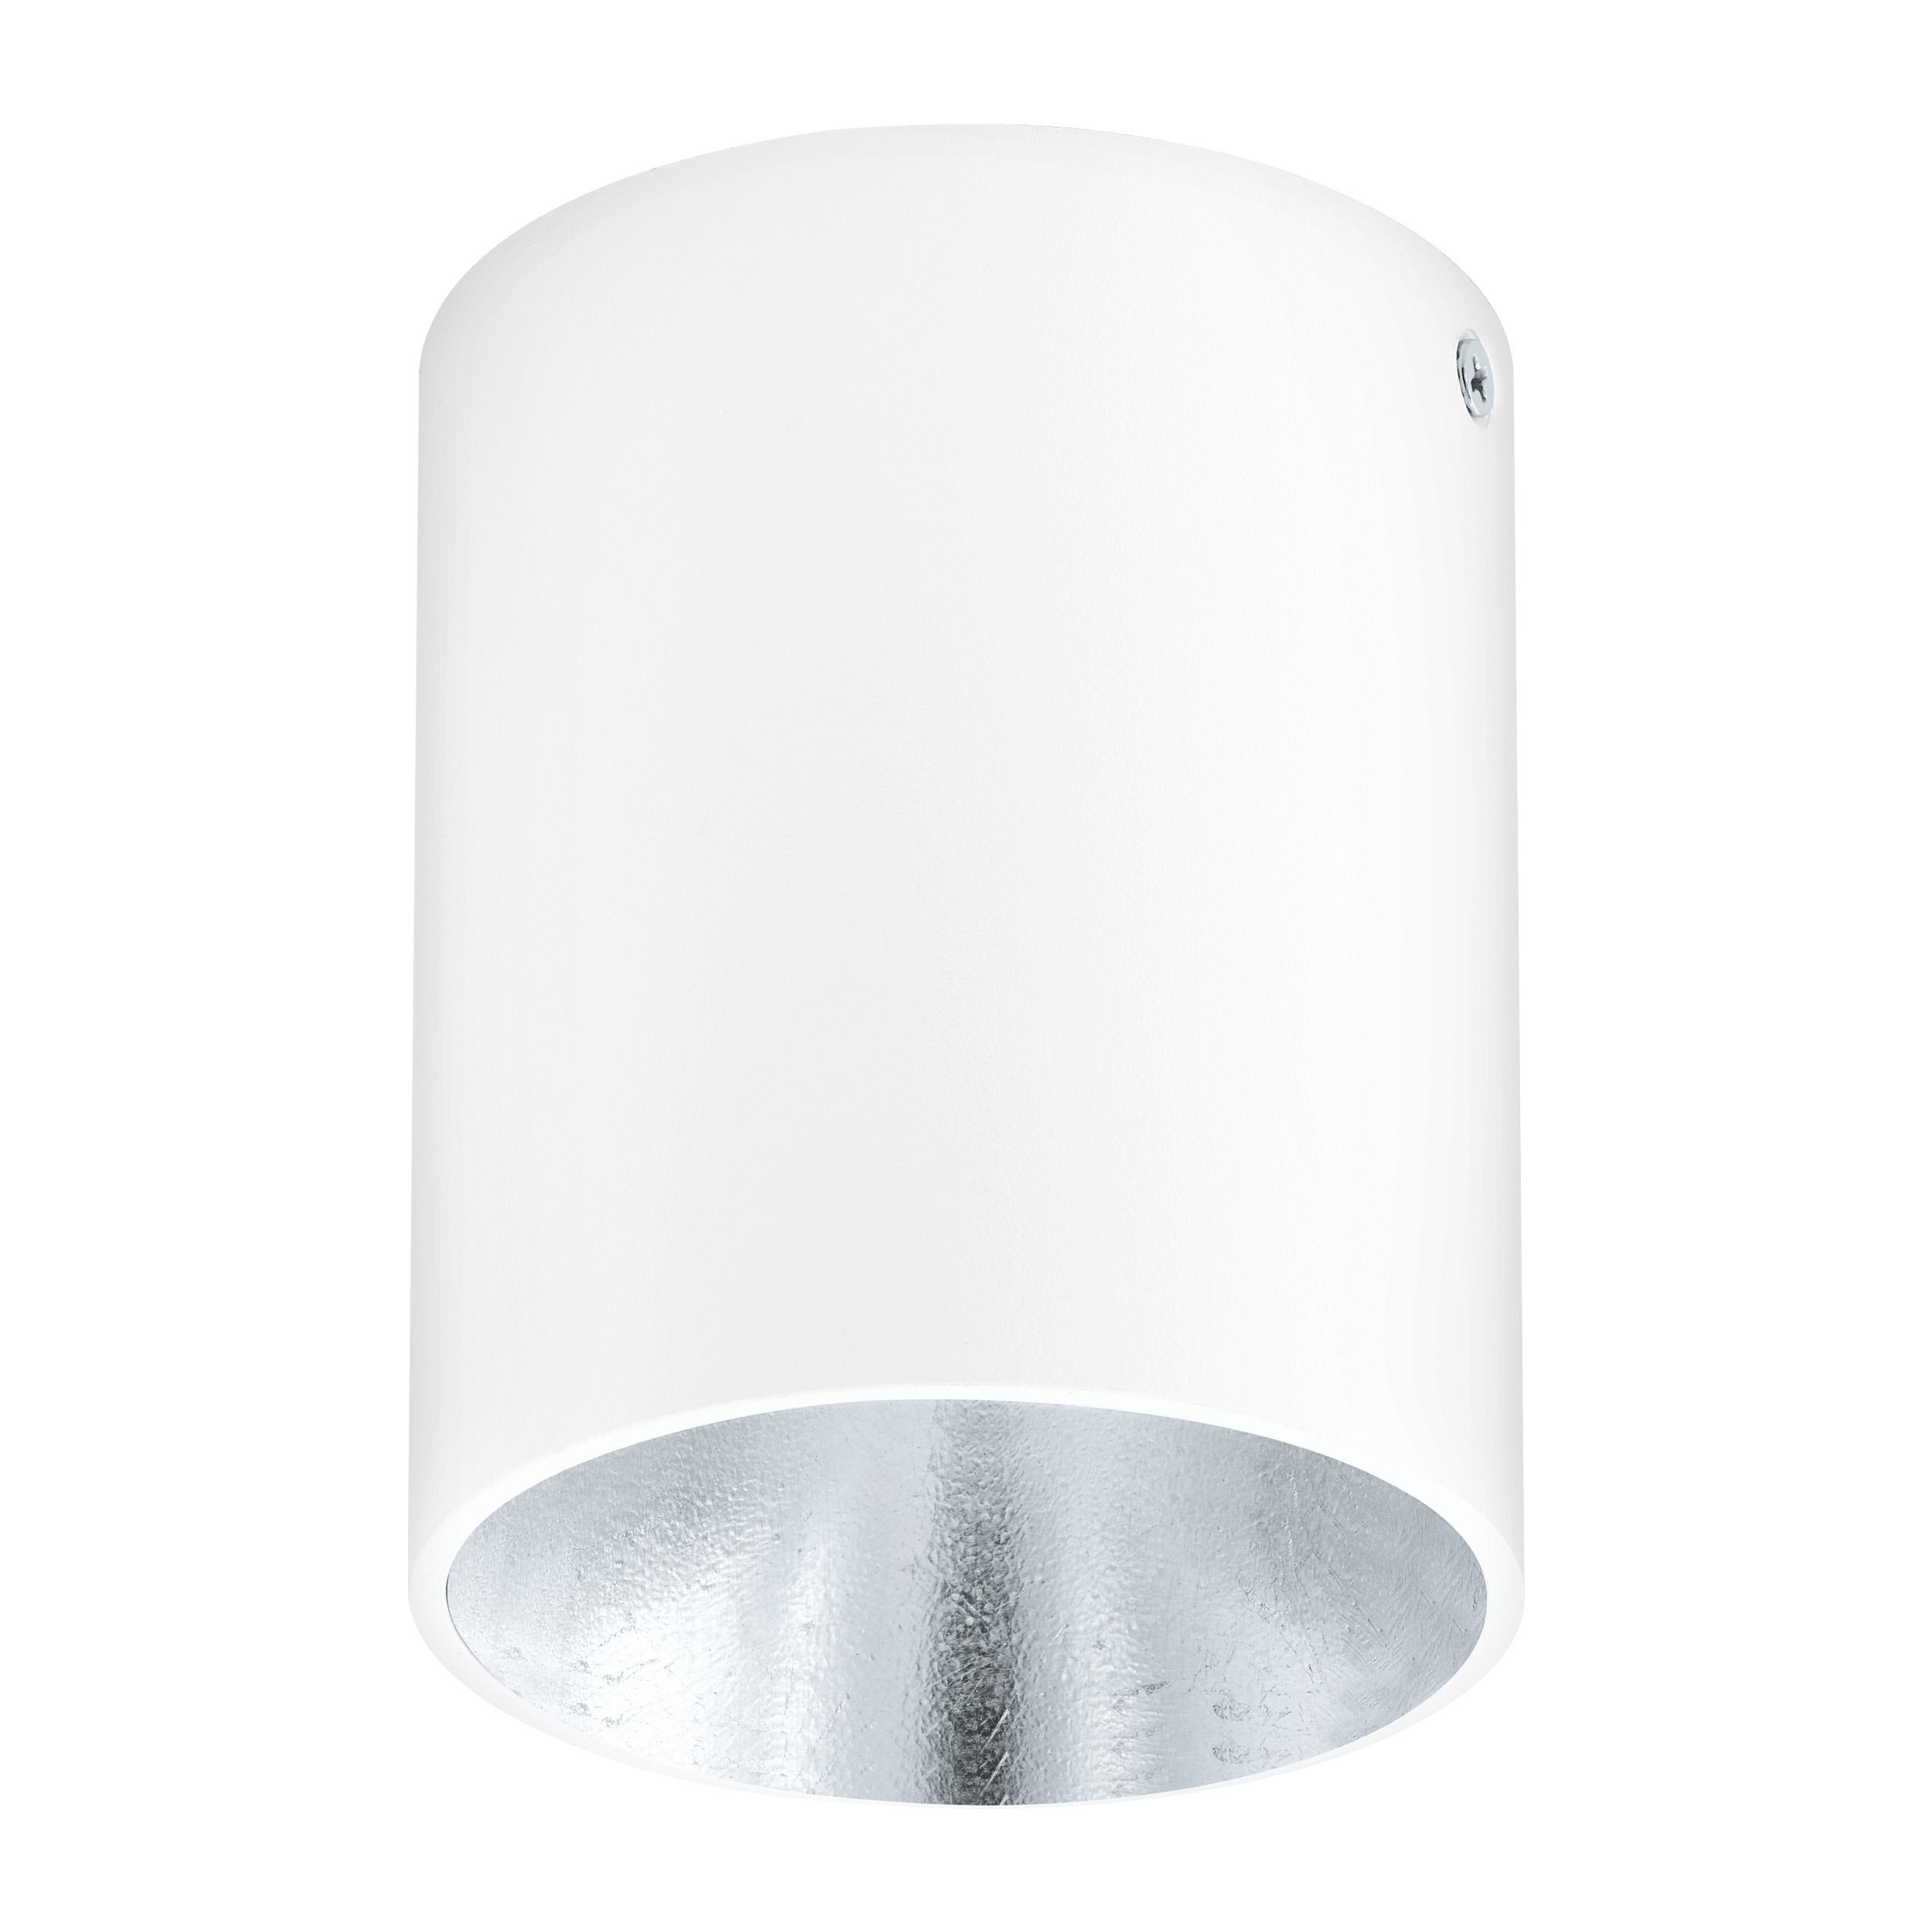 1 Stk Deckenleuchte Polasso rund 35W weiß / silber IP20 LI62256---